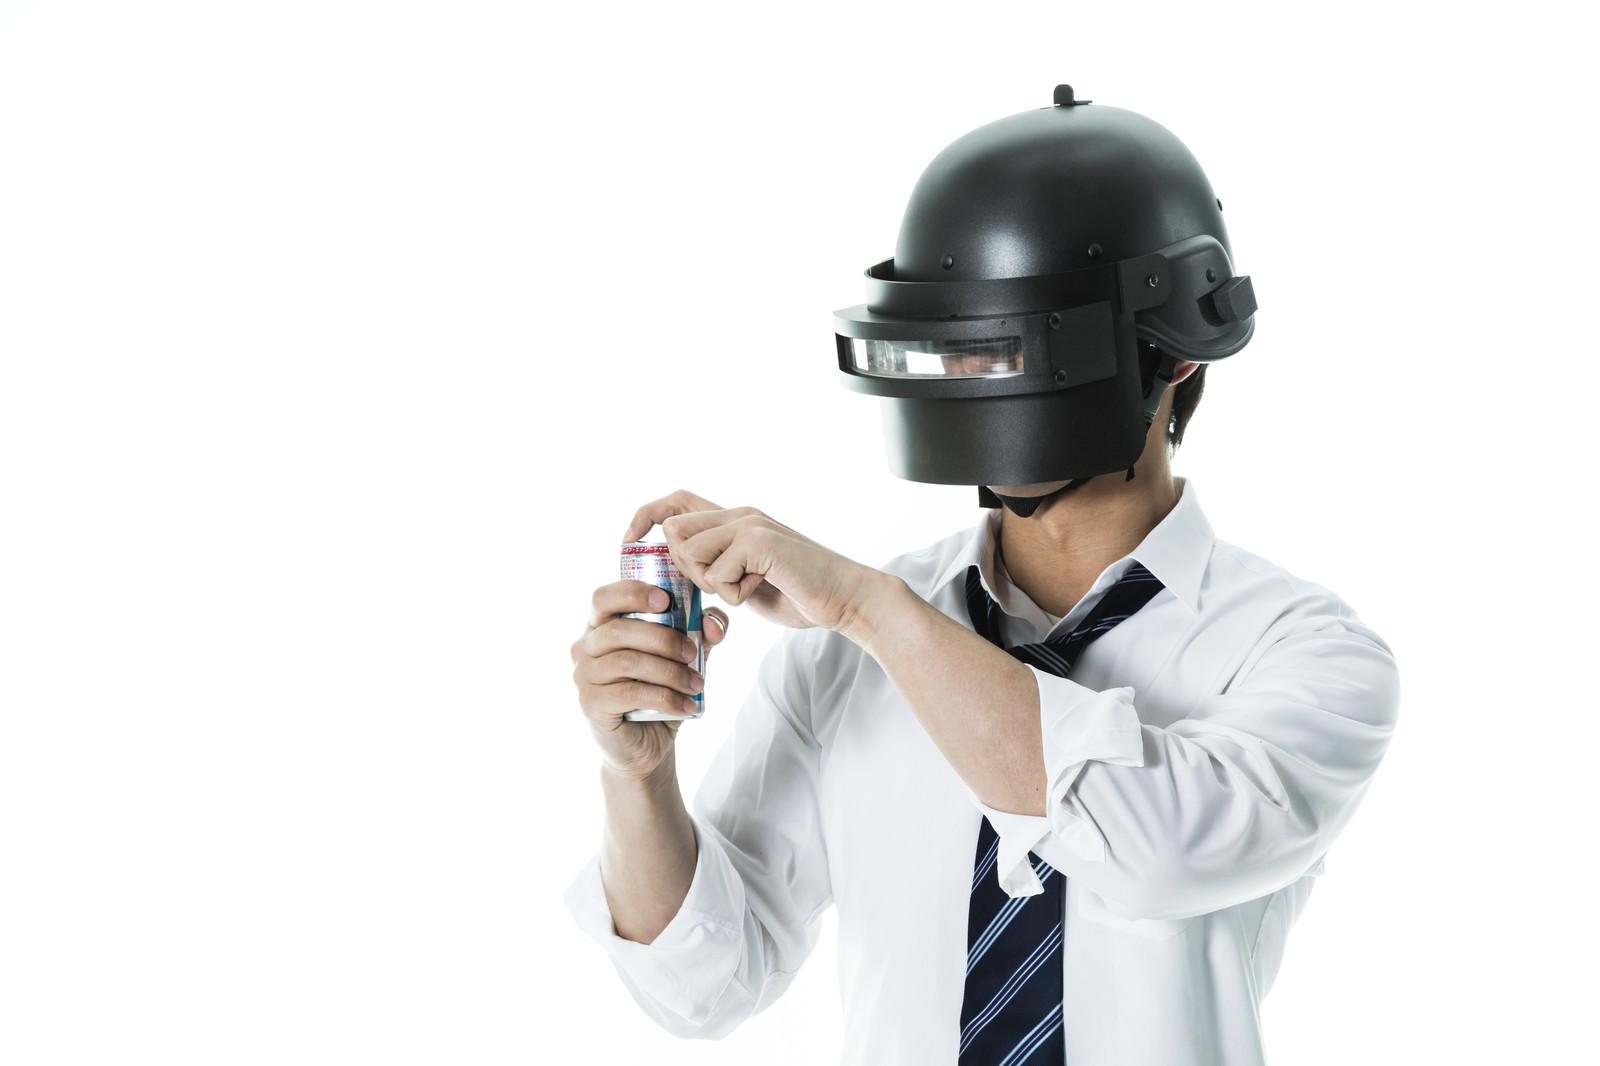 「ブーストゲージを上げるプレイヤー」の写真